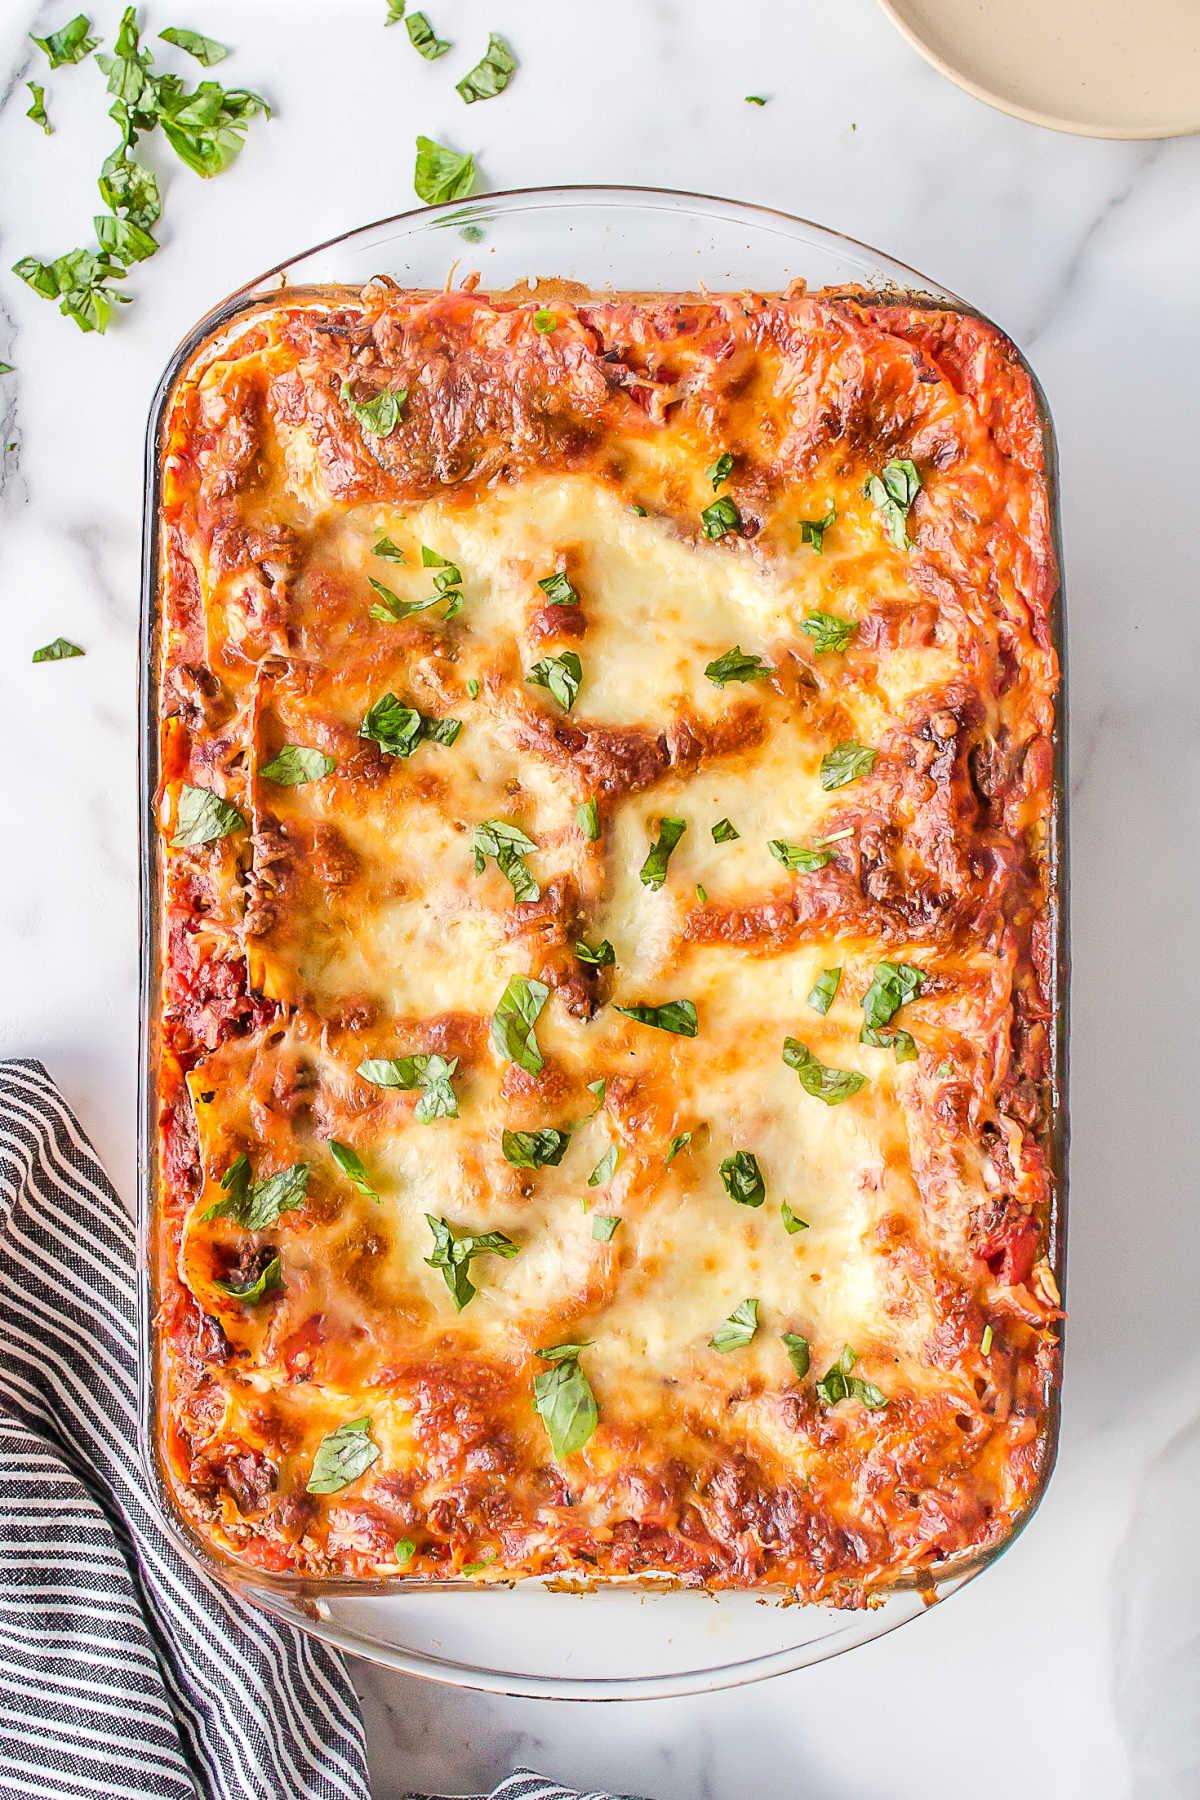 Baked freezer lasagna in a pan.